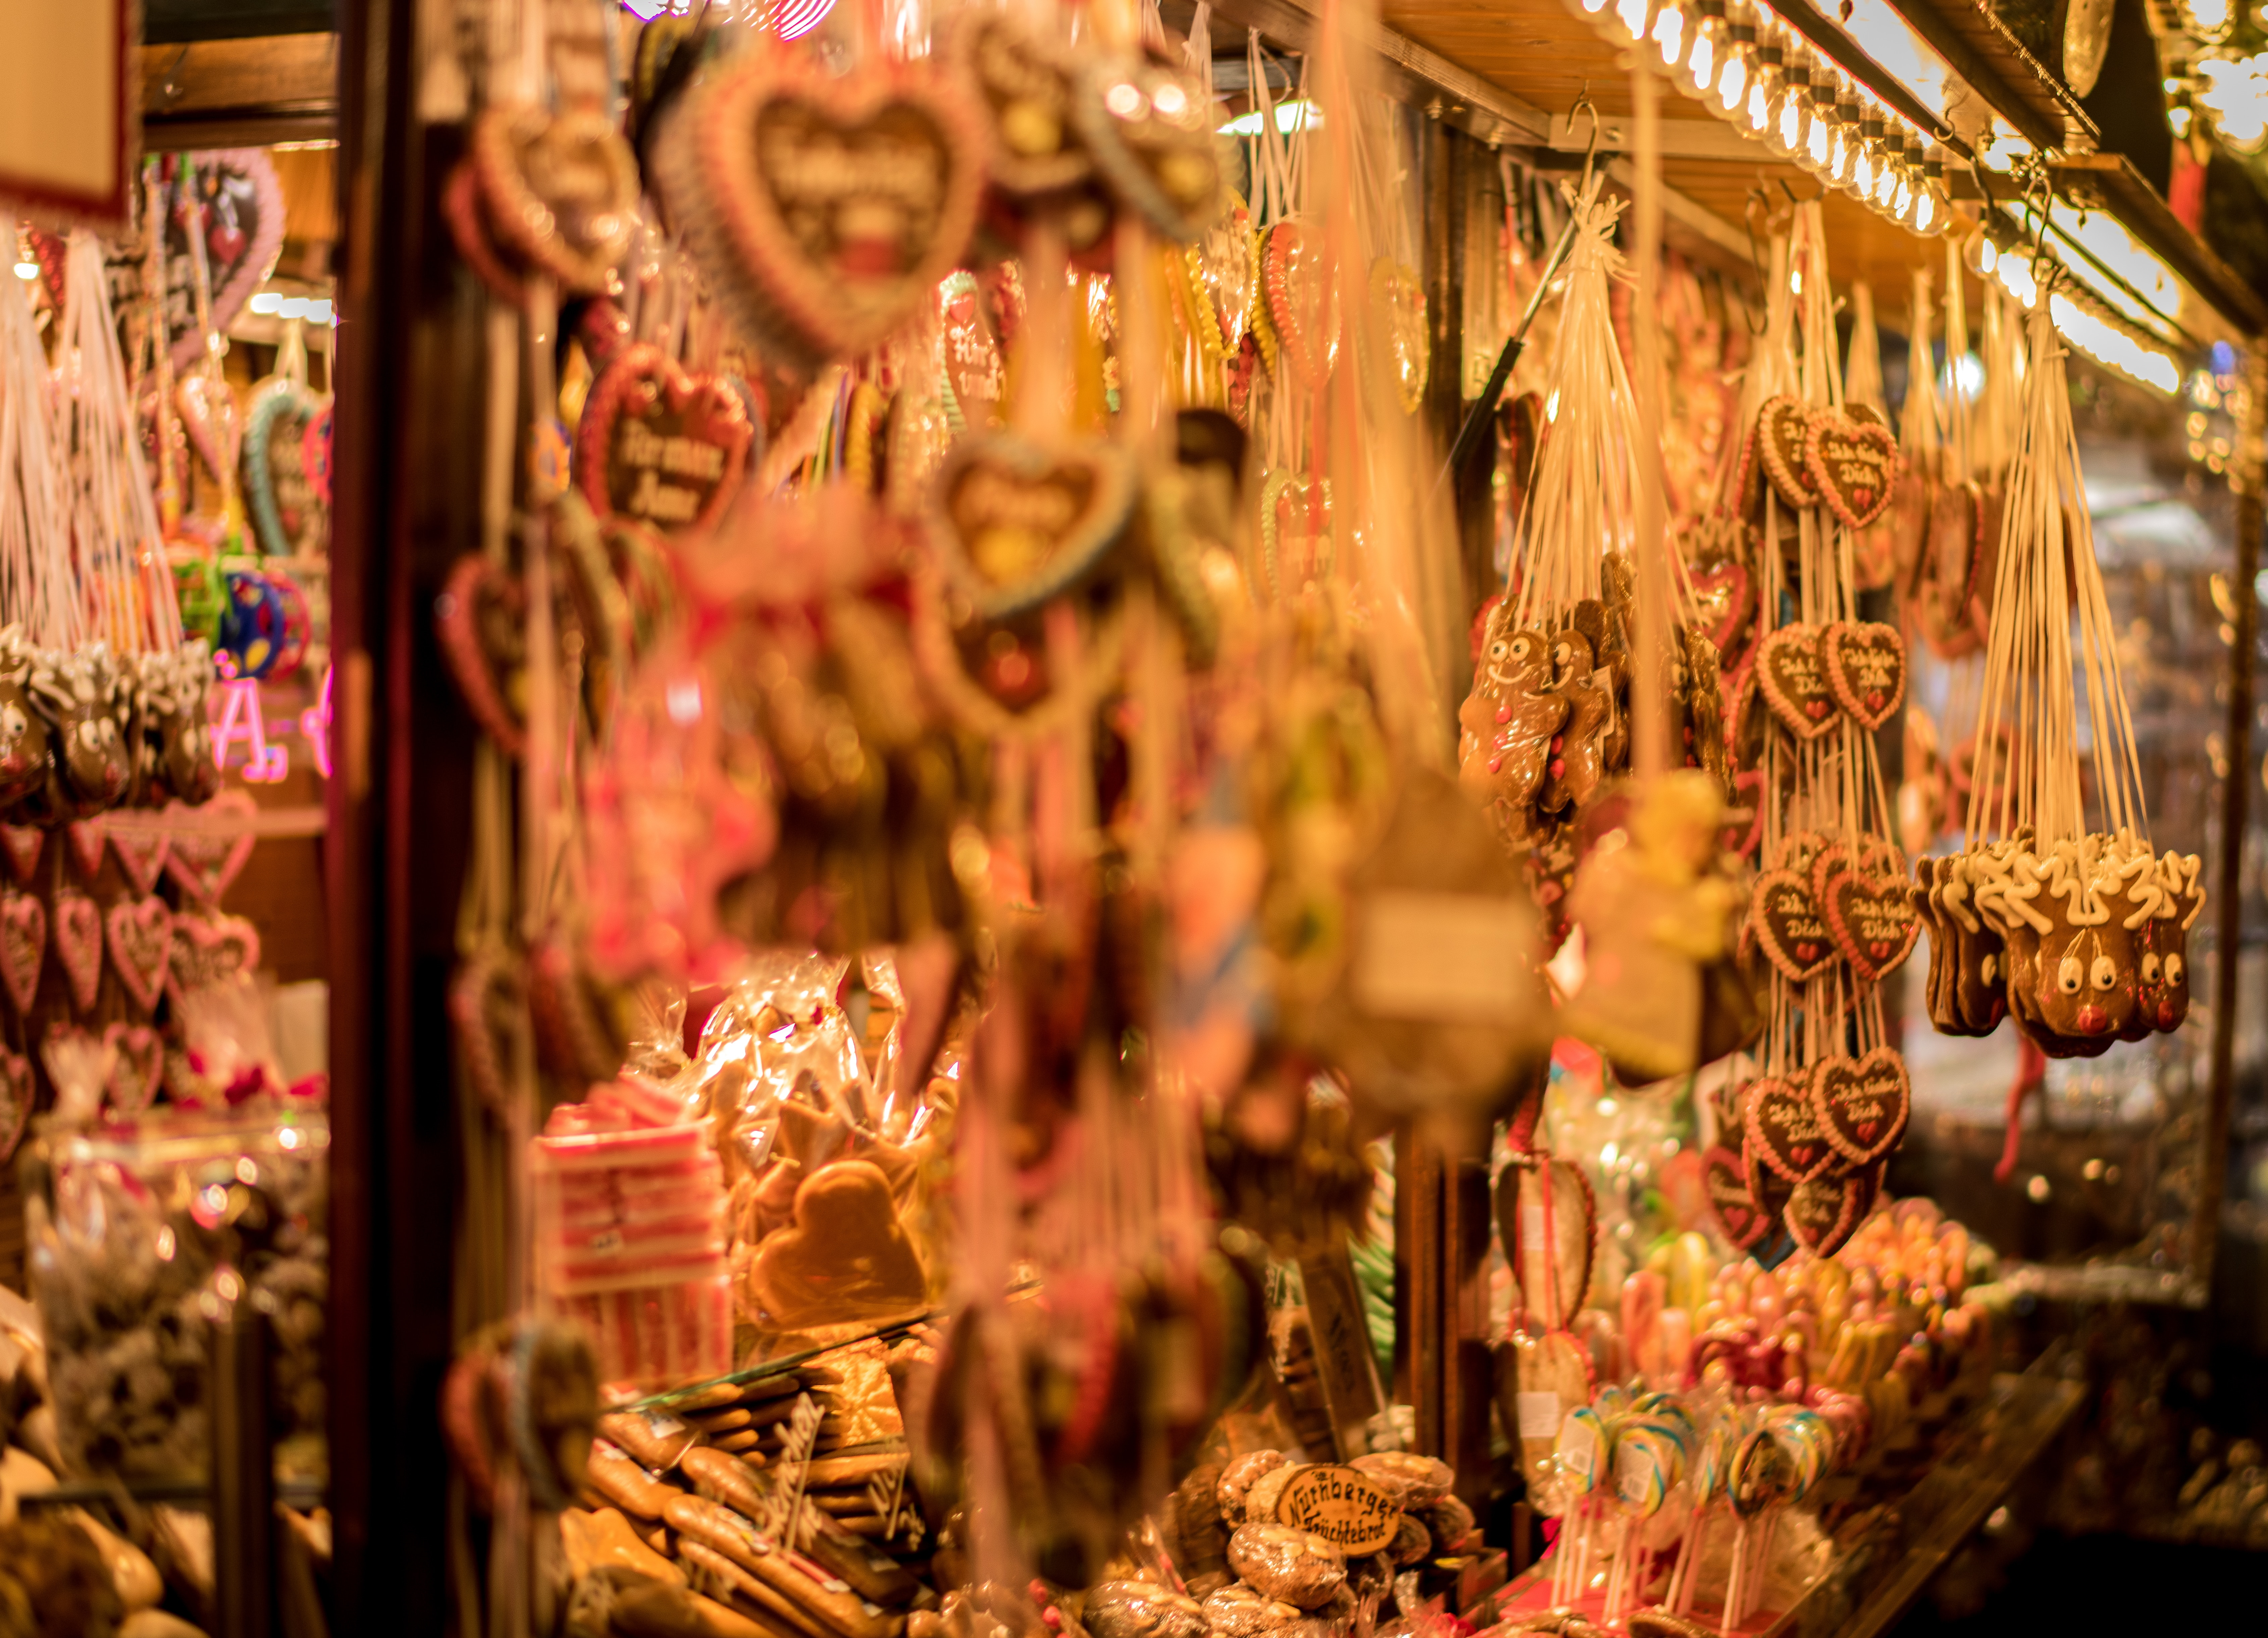 Anmeldung Weihnachtsmarkt